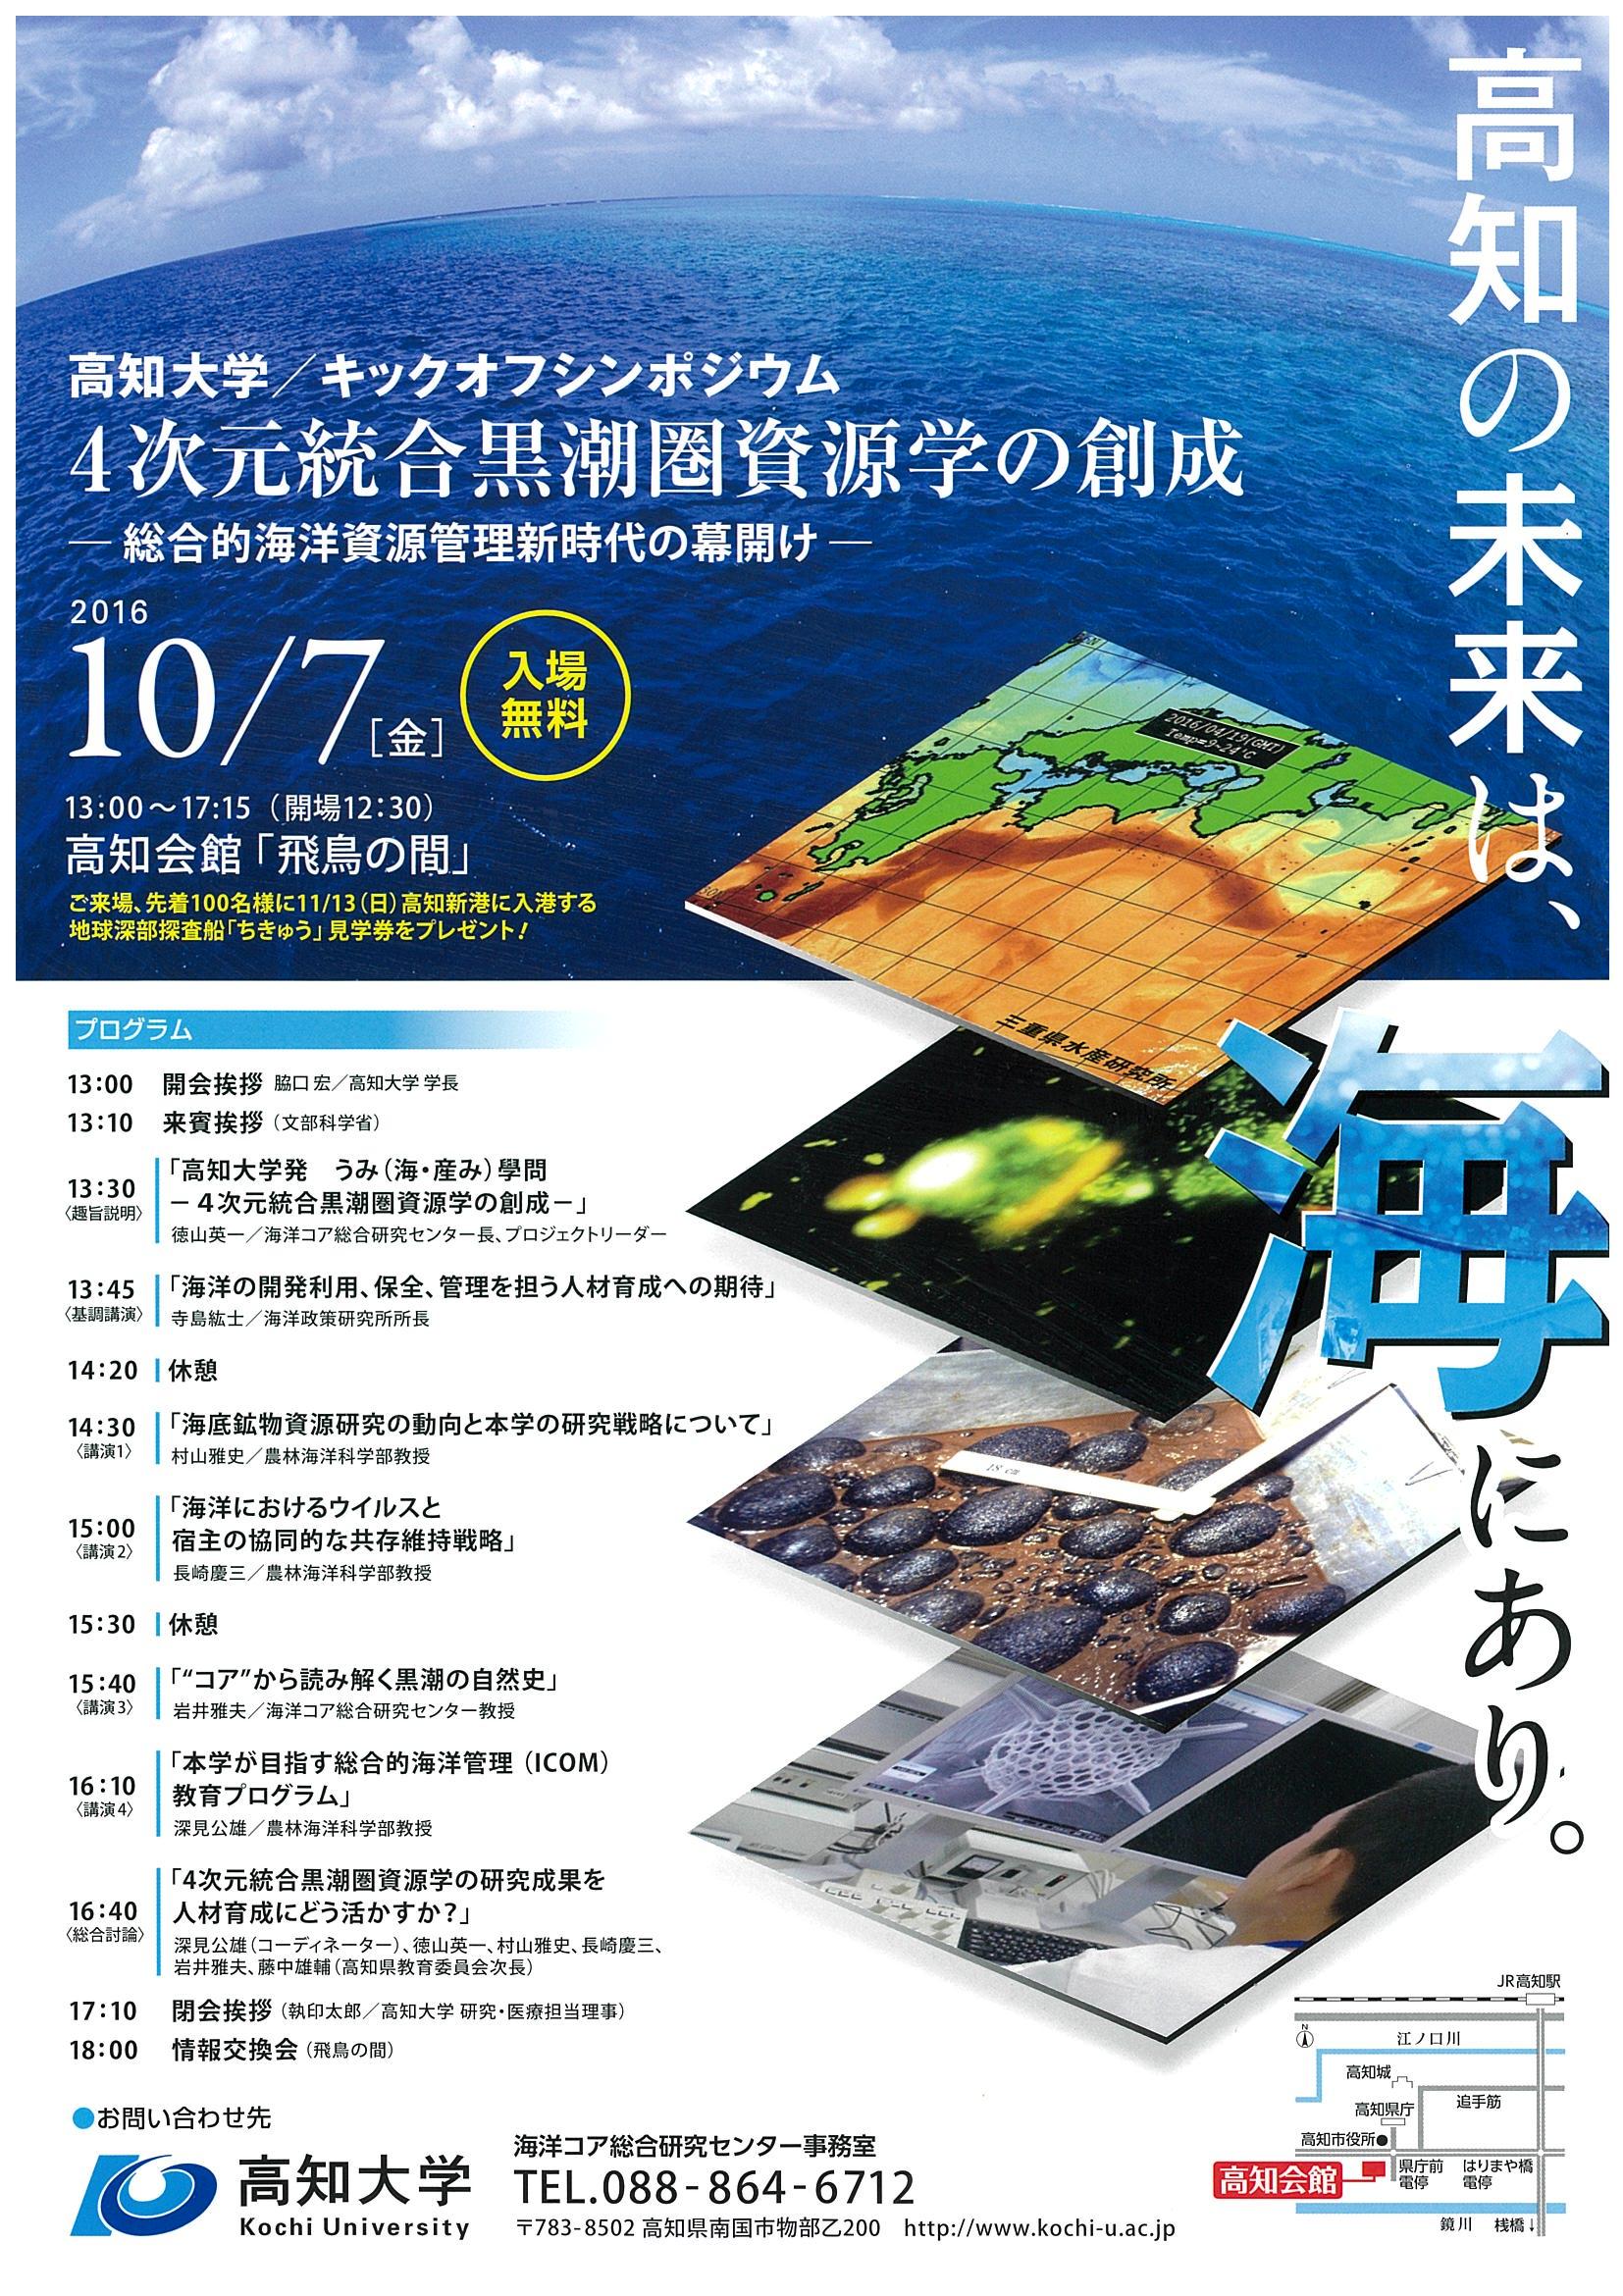 キックオフシンポジウム「4次元統合黒潮圏資源学の創成-総合的海洋 ...